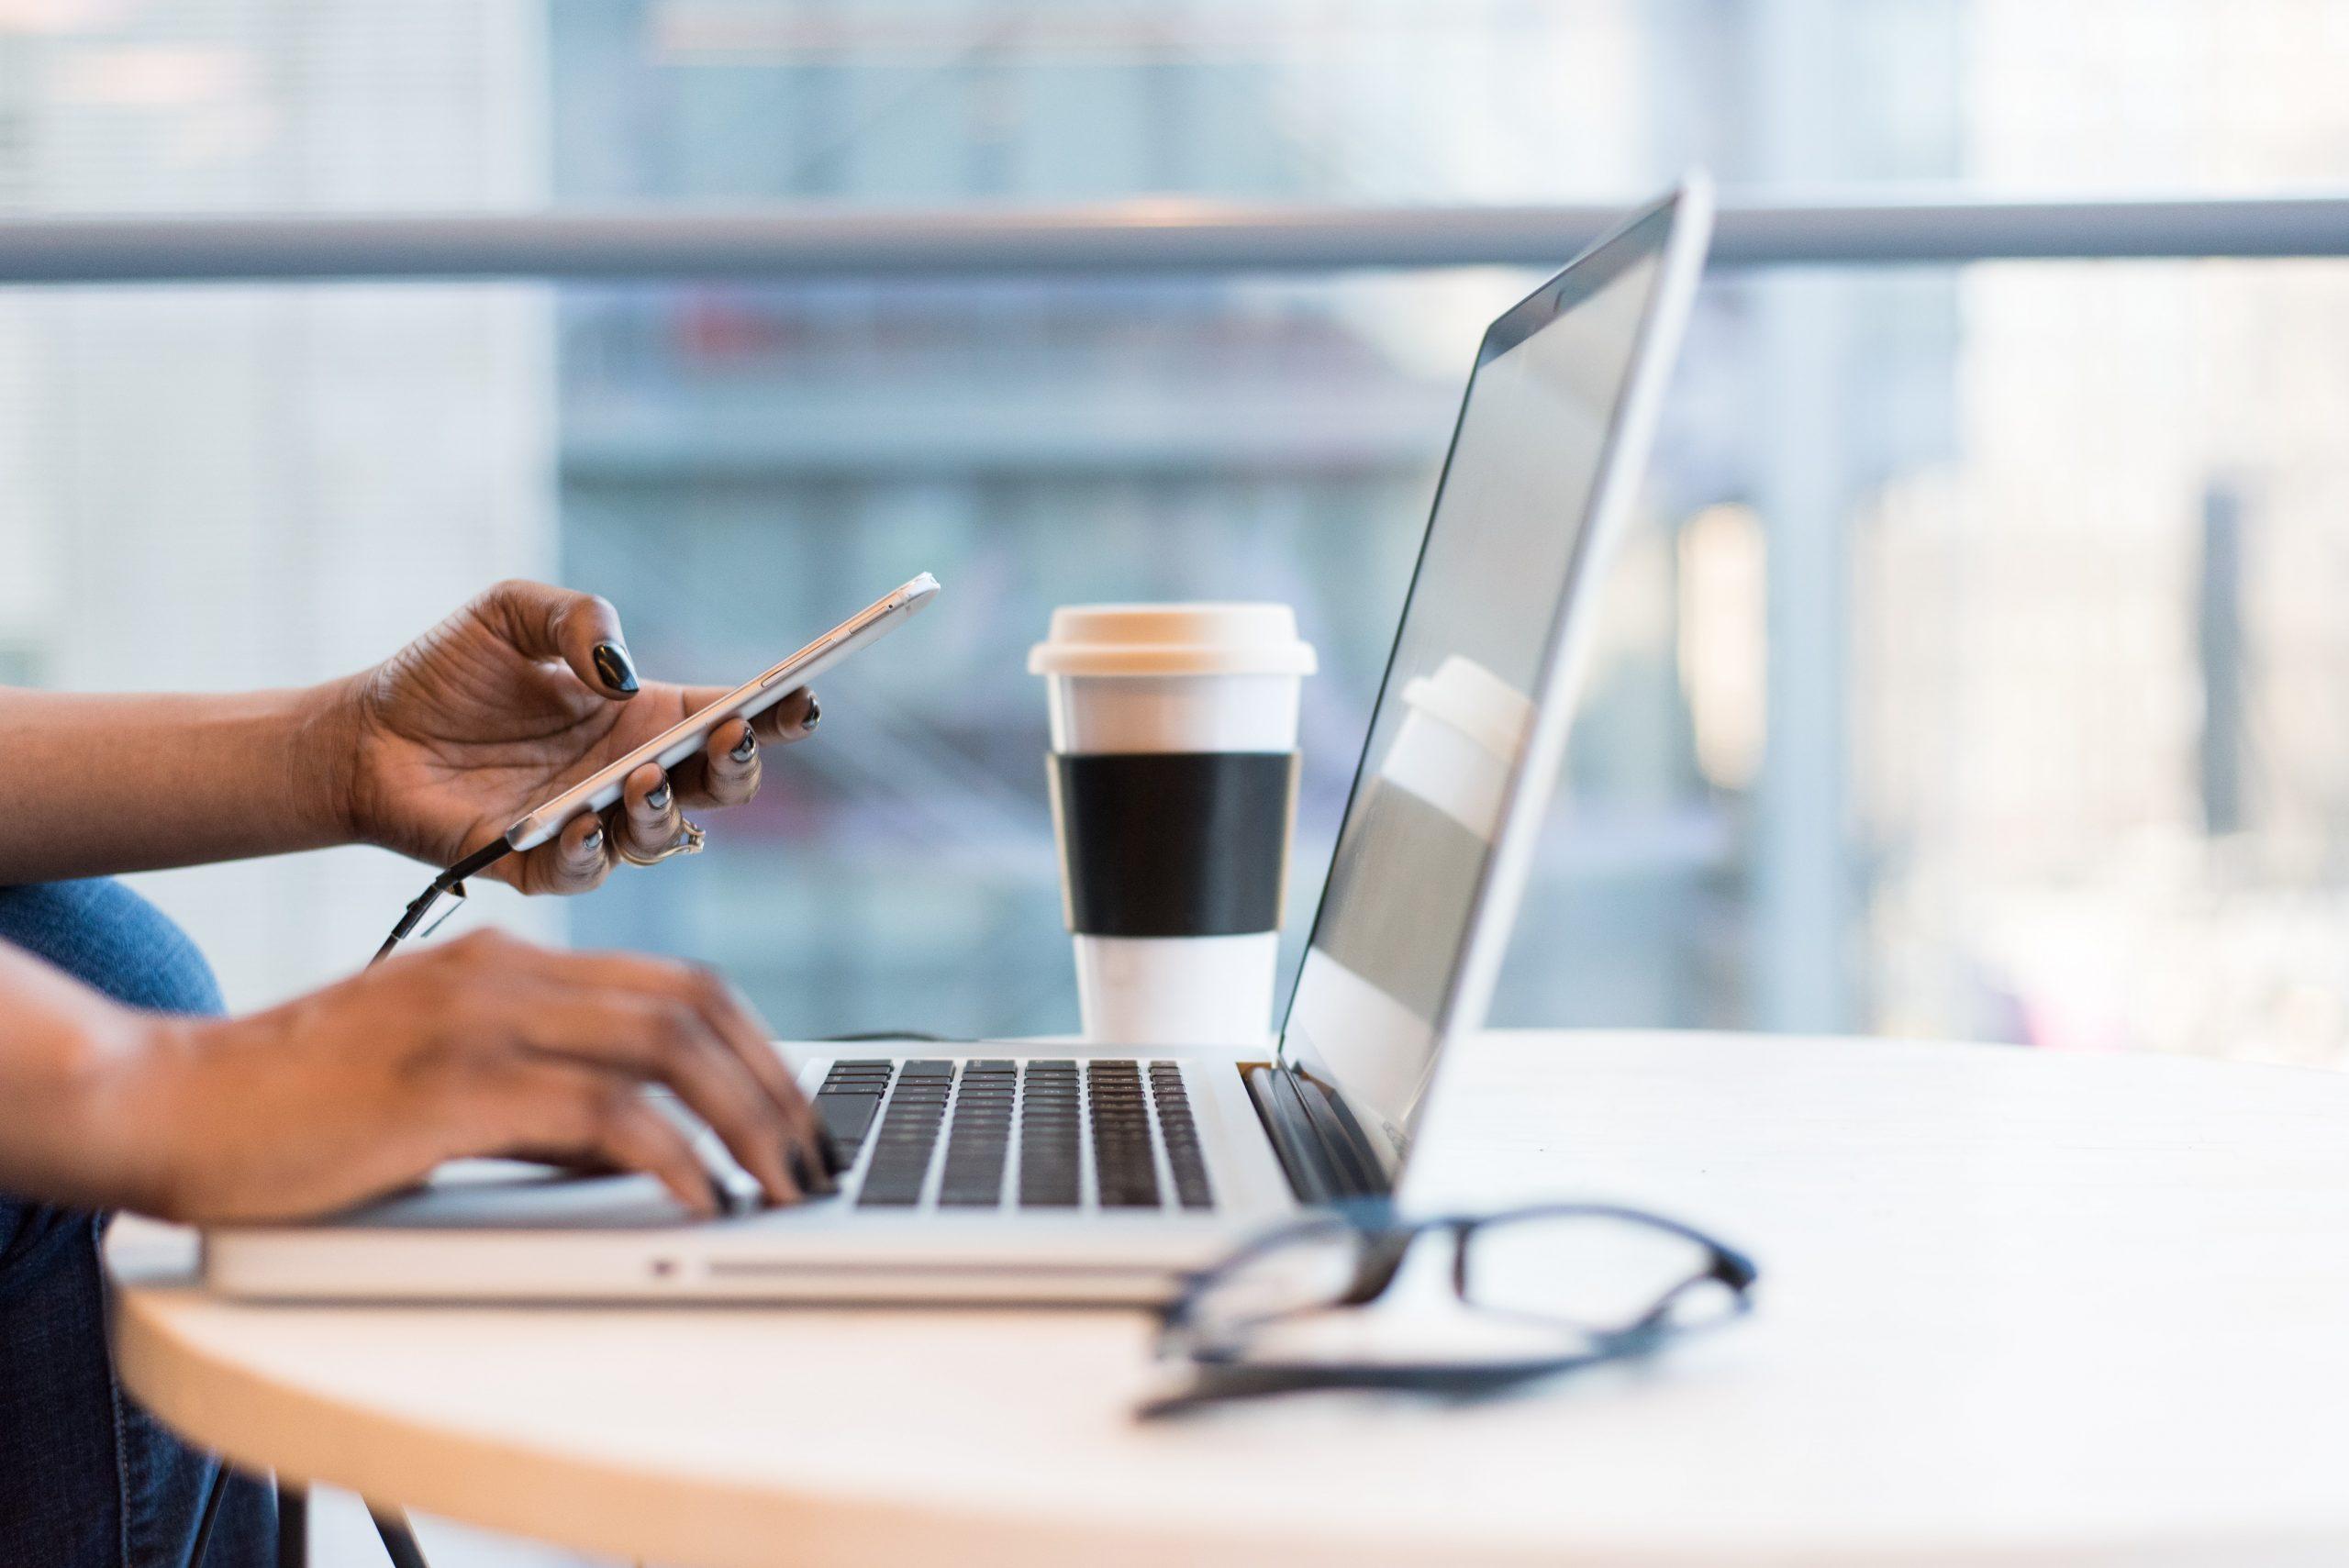 Africa Business - N'gunu Tiny - social entrepreneurship